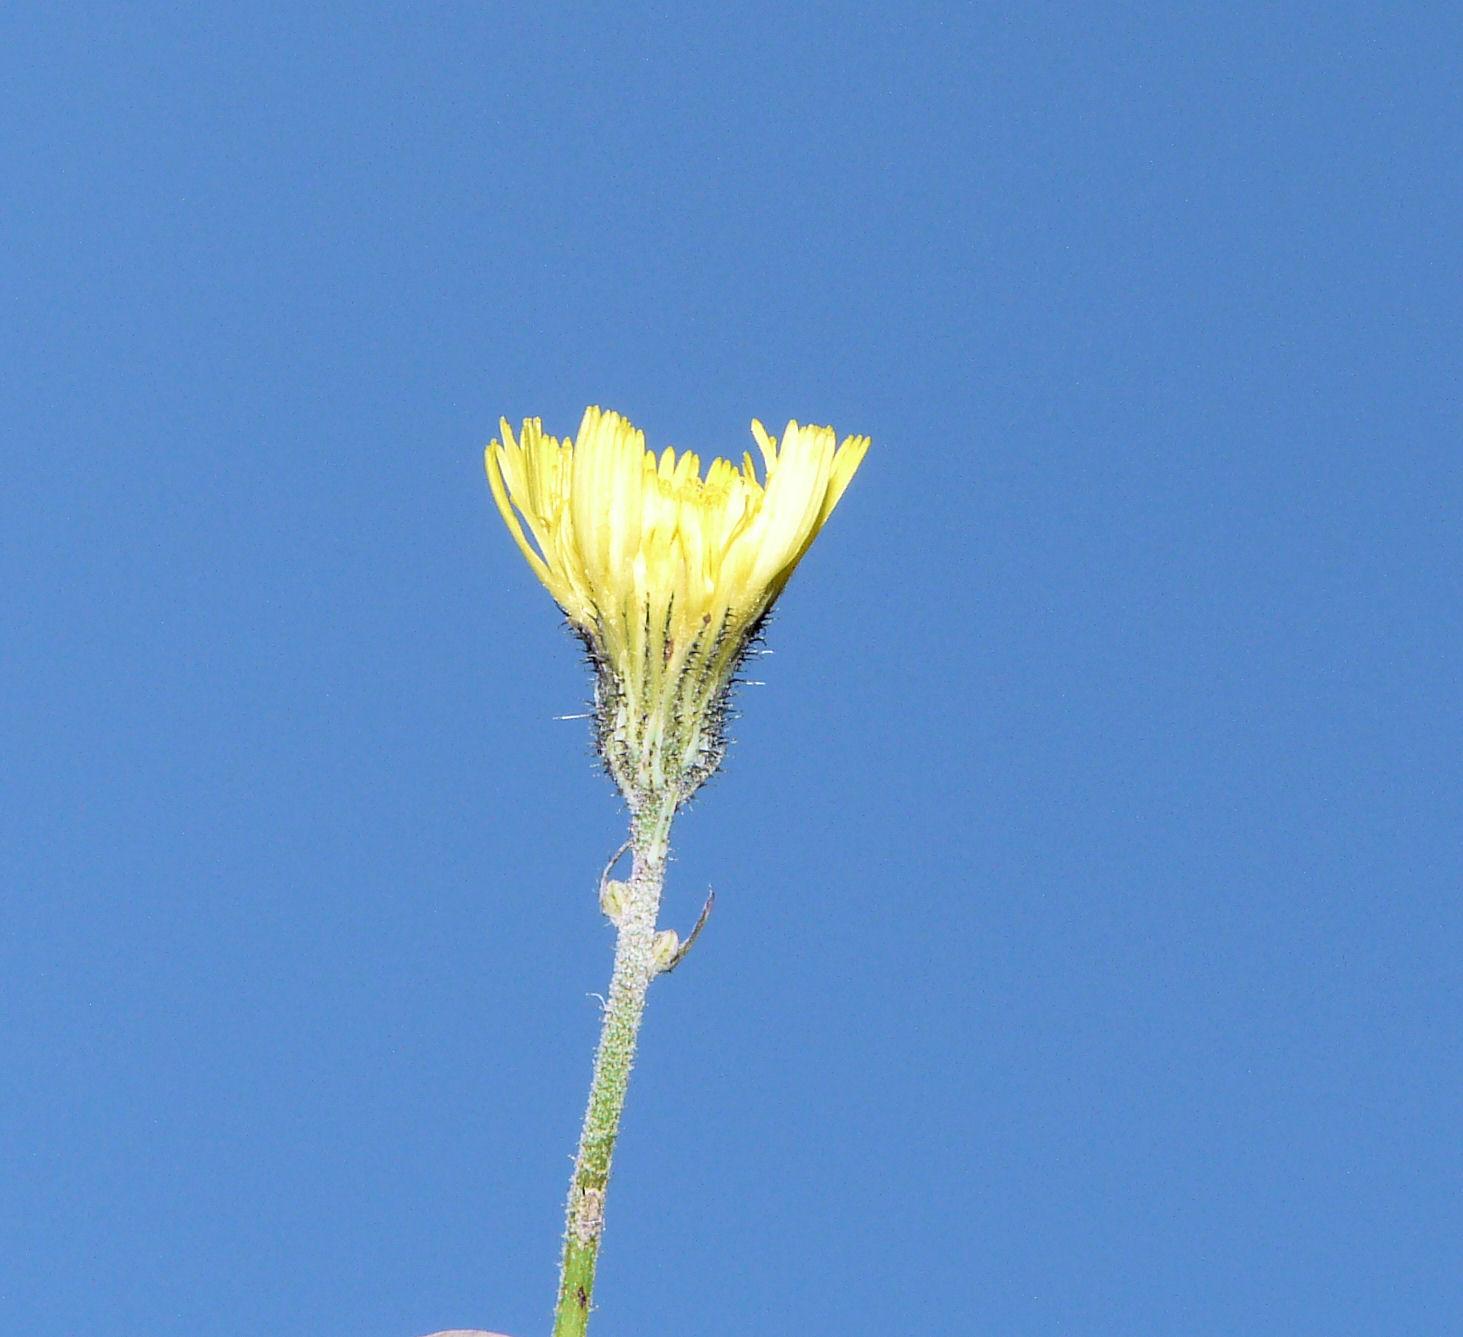 © Dipartimento di Scienze della Vita, Università degli Studi di Trieste<br>by Andrea Moro<br>Val Trenta, Orto Botanico Alpino Juliana., Slovenia, 20/06/2008<br>Distributed under CC-BY-SA 4.0 license.